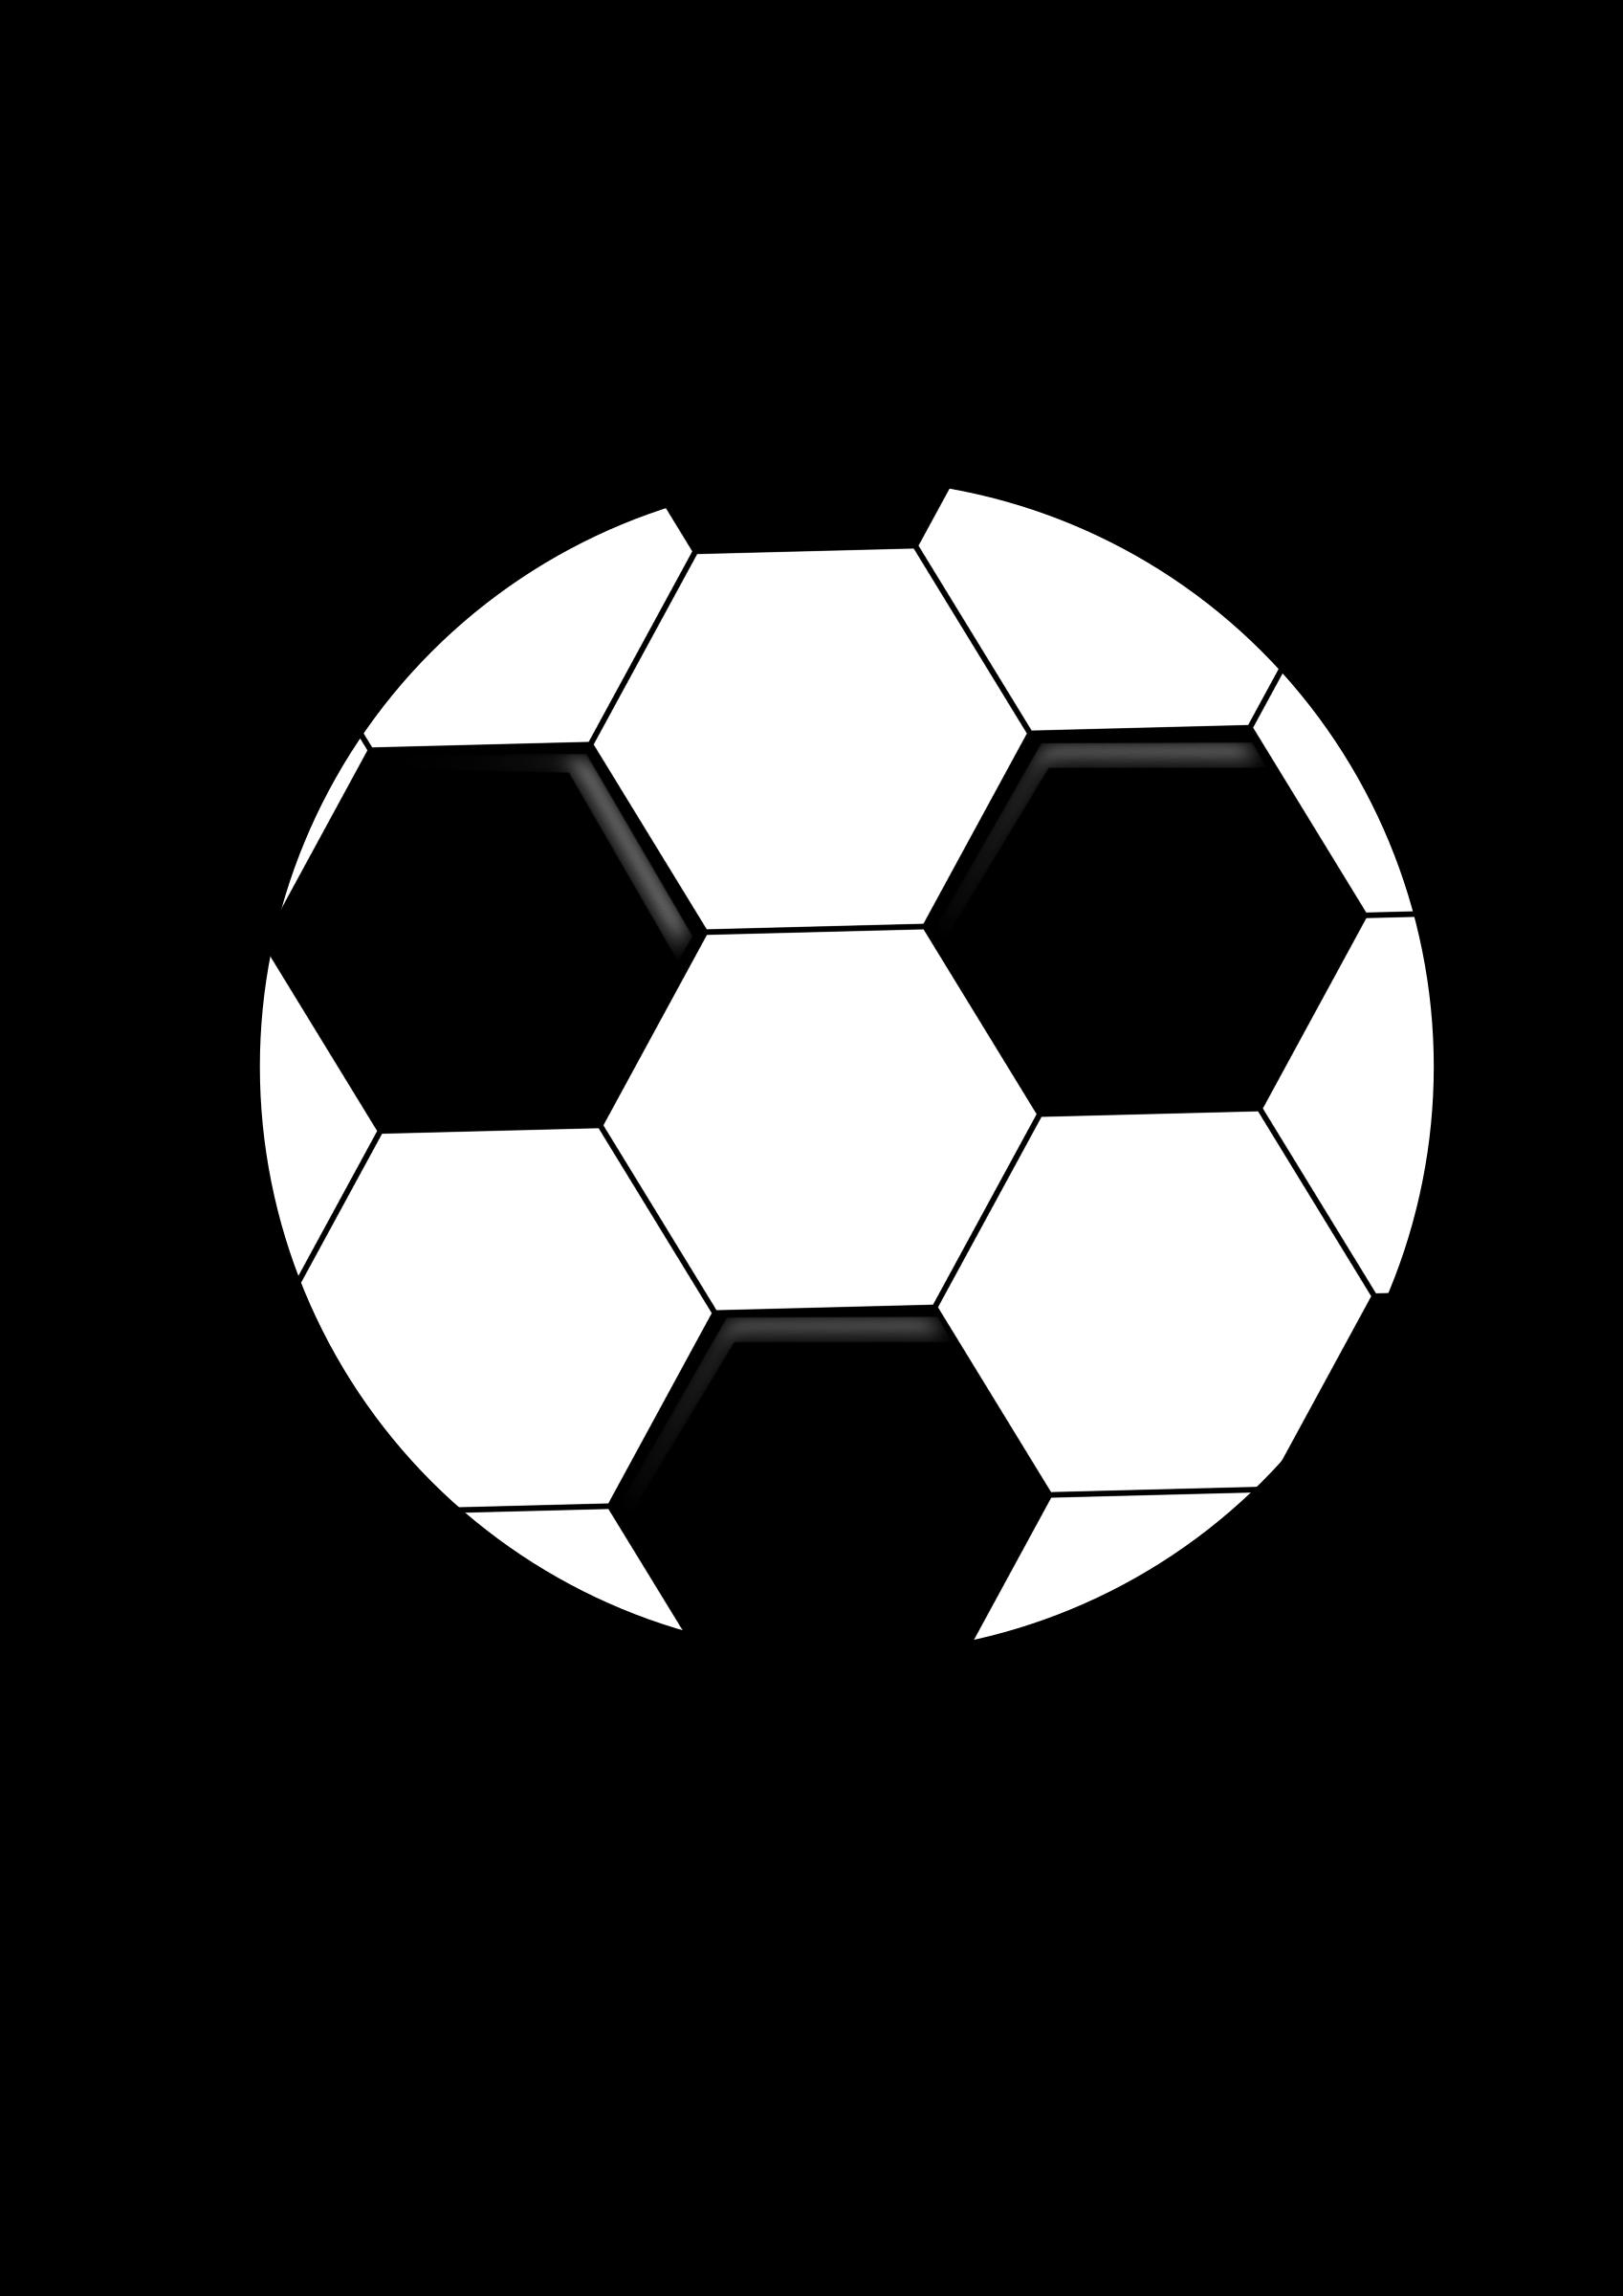 Clipart soccer ball clipart transparent library Clipart - Soccer Ball clipart transparent library